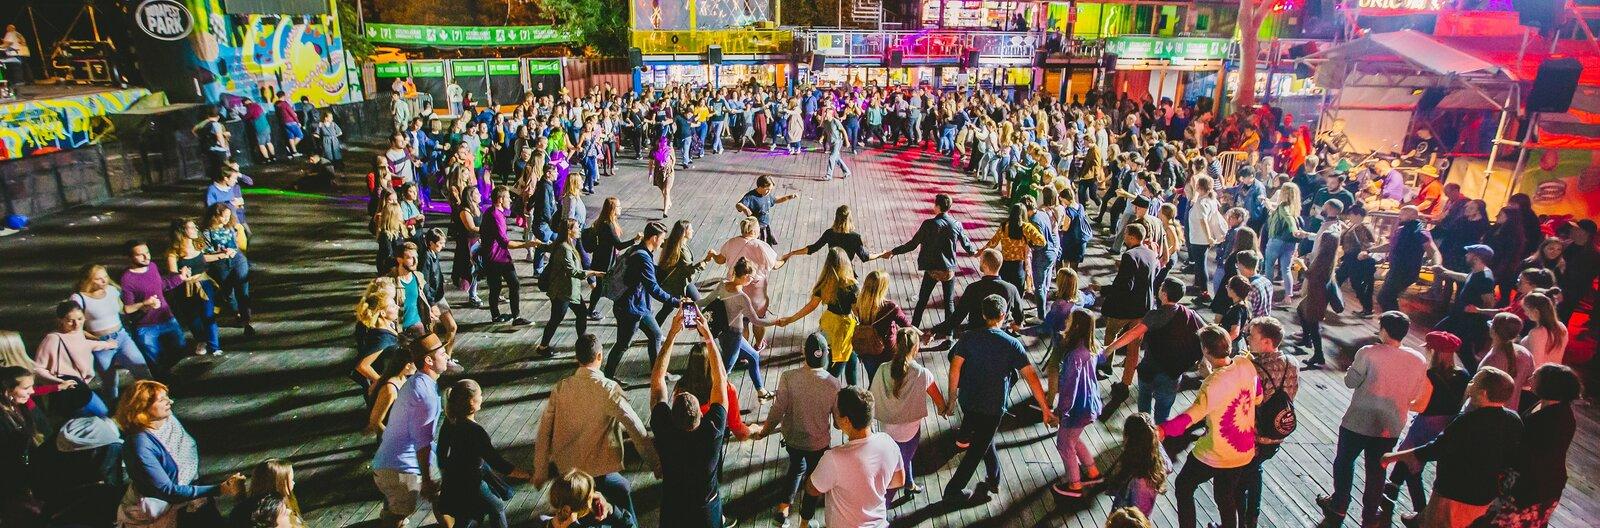 Budapesti táncházak, ahol biztos találsz bulit, ha néptáncolnál